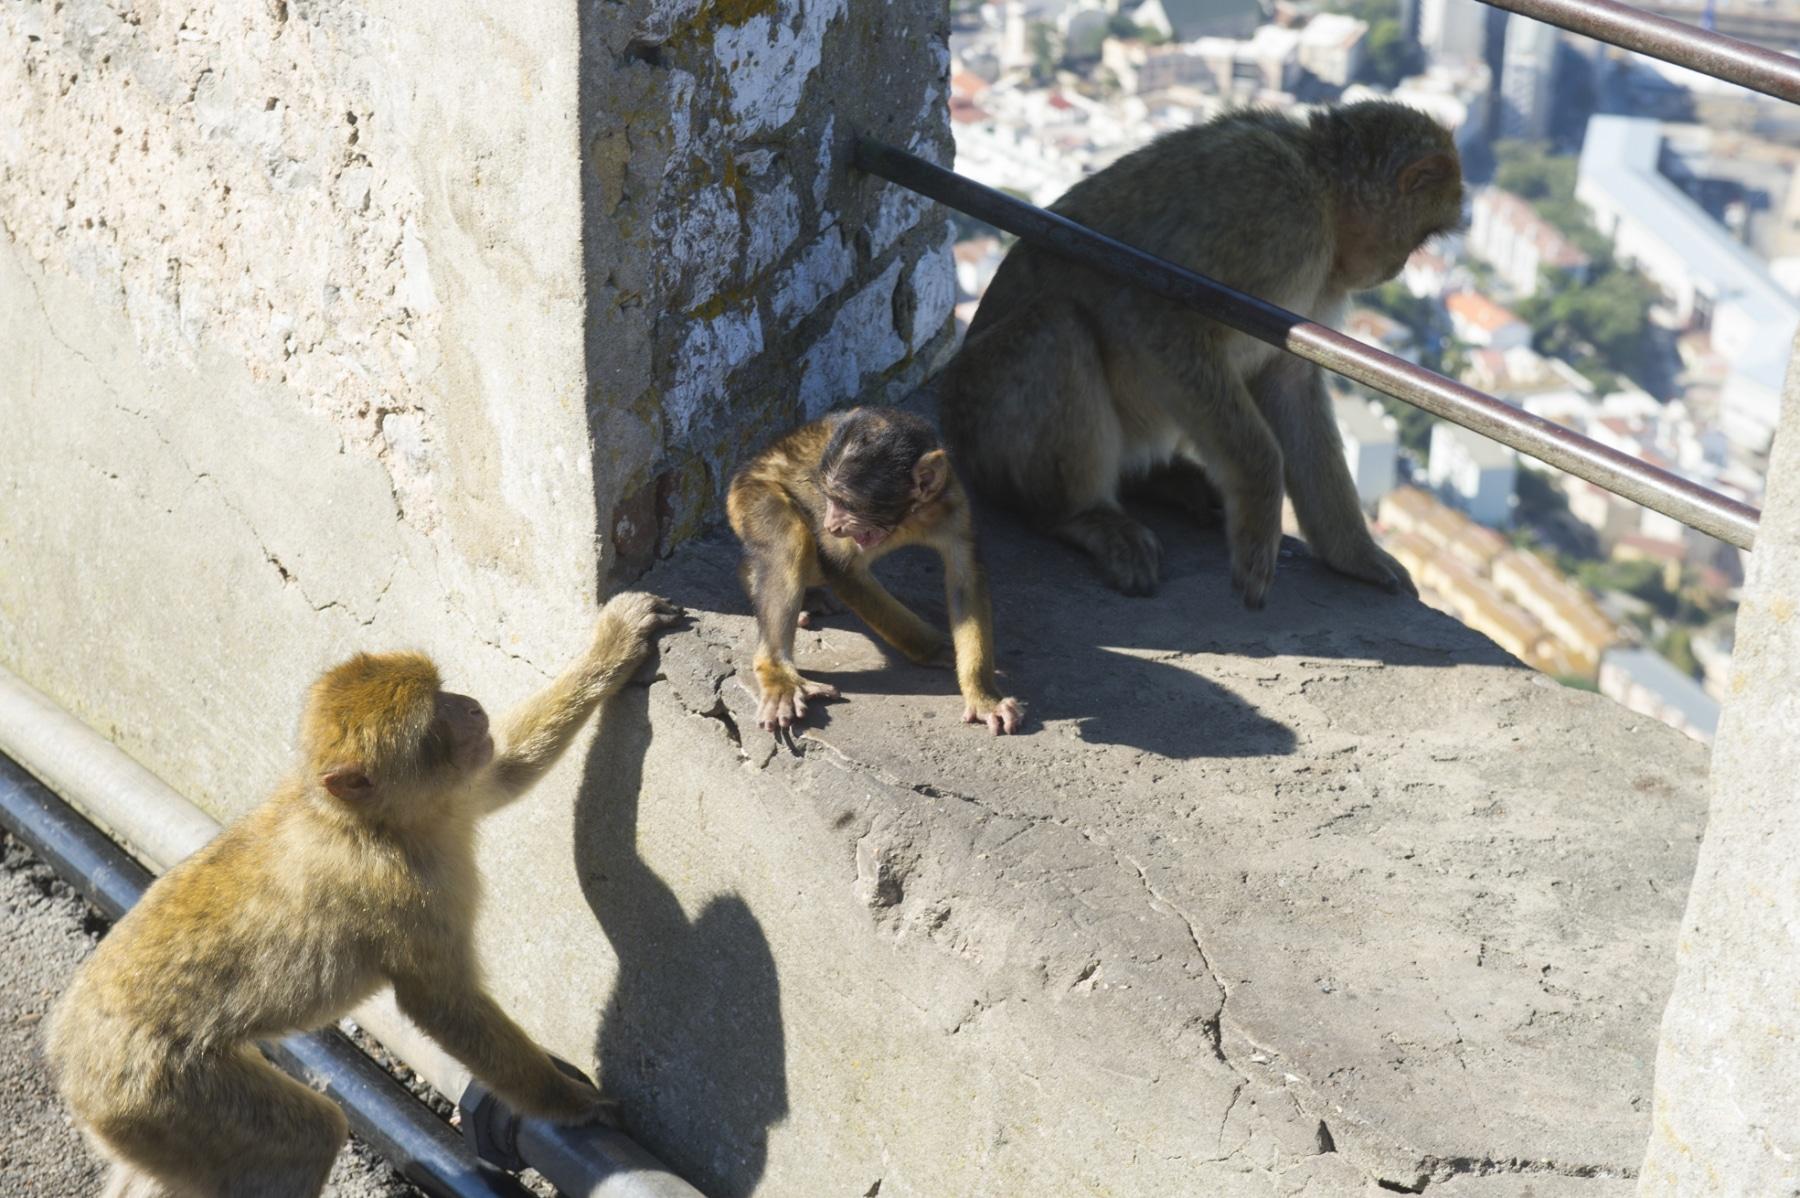 turismo-en-gibraltar-092015-258_22124185133_o